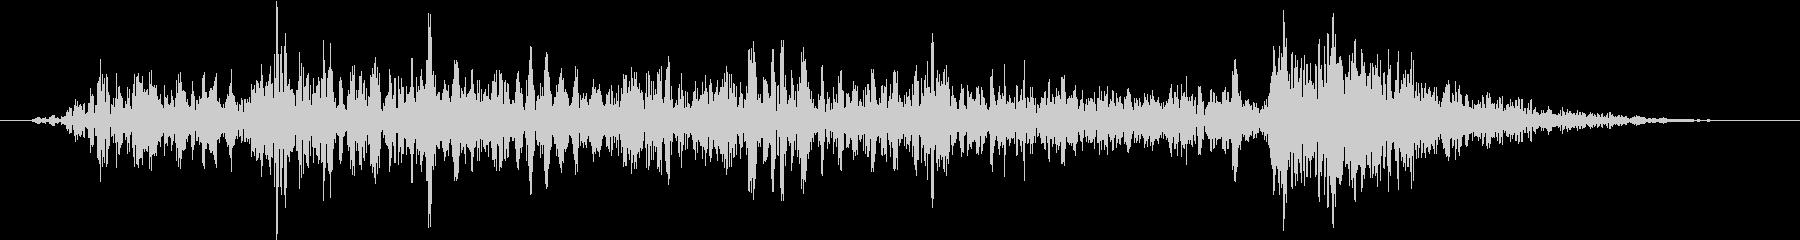 中世 ゲートストーンミディアムクロ...の未再生の波形